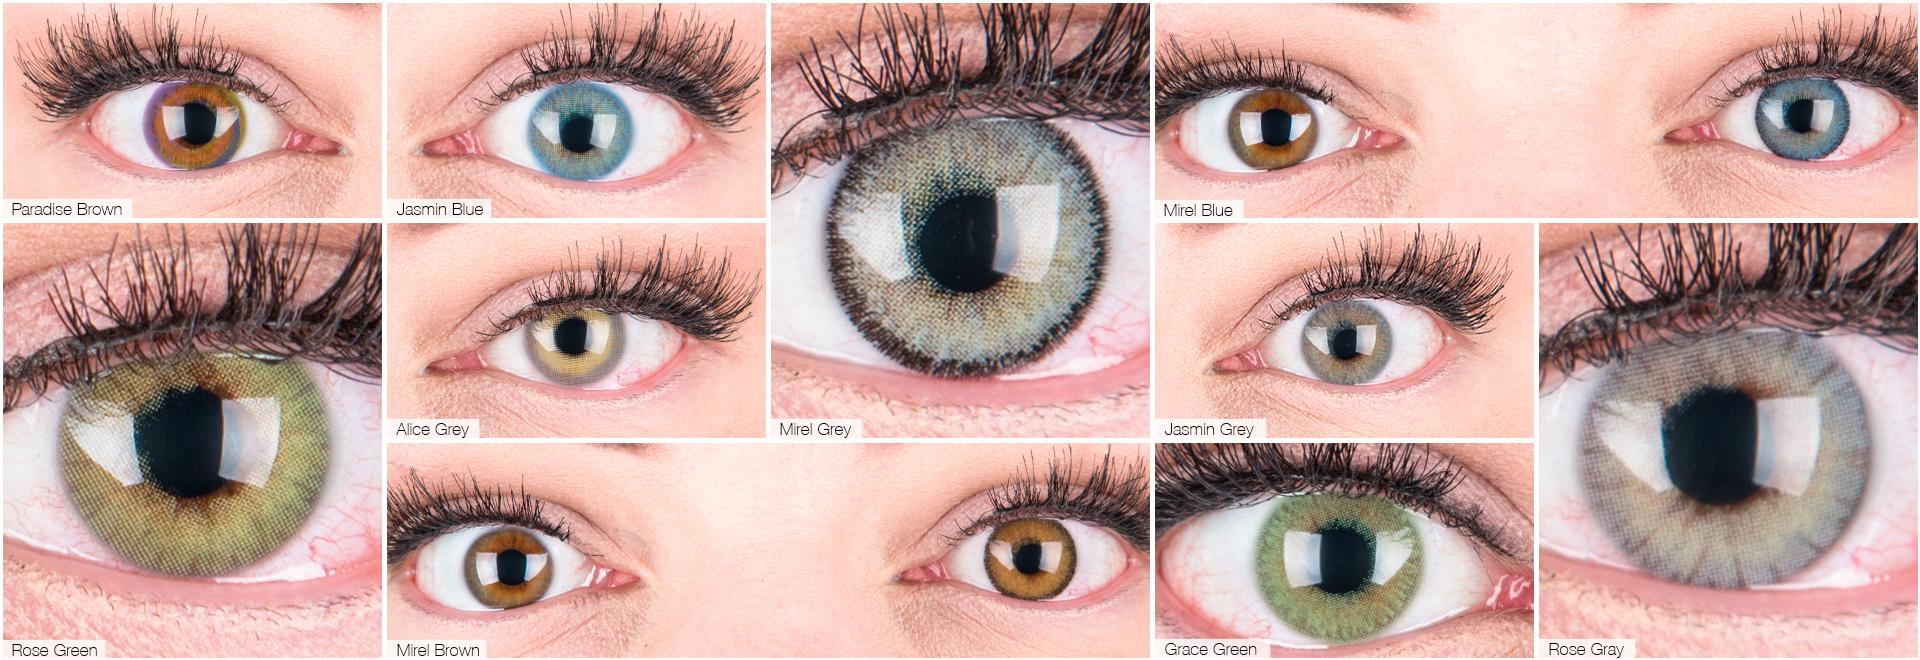 Neue Farbige Kontaktlinsen von Funnylens